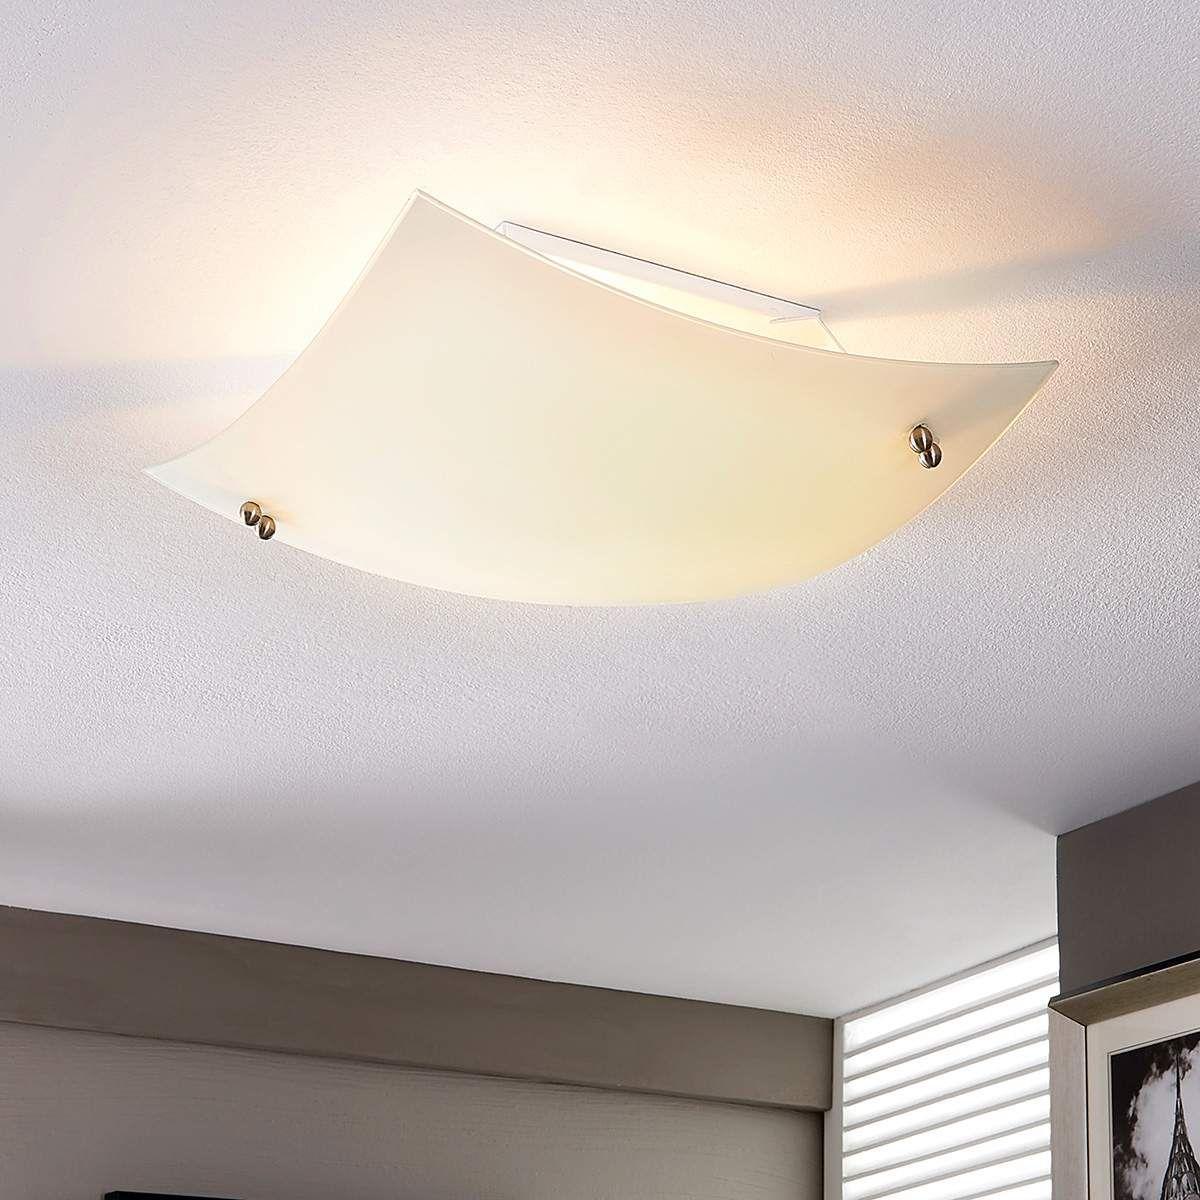 Deckenlampe Wohnzimmer E27